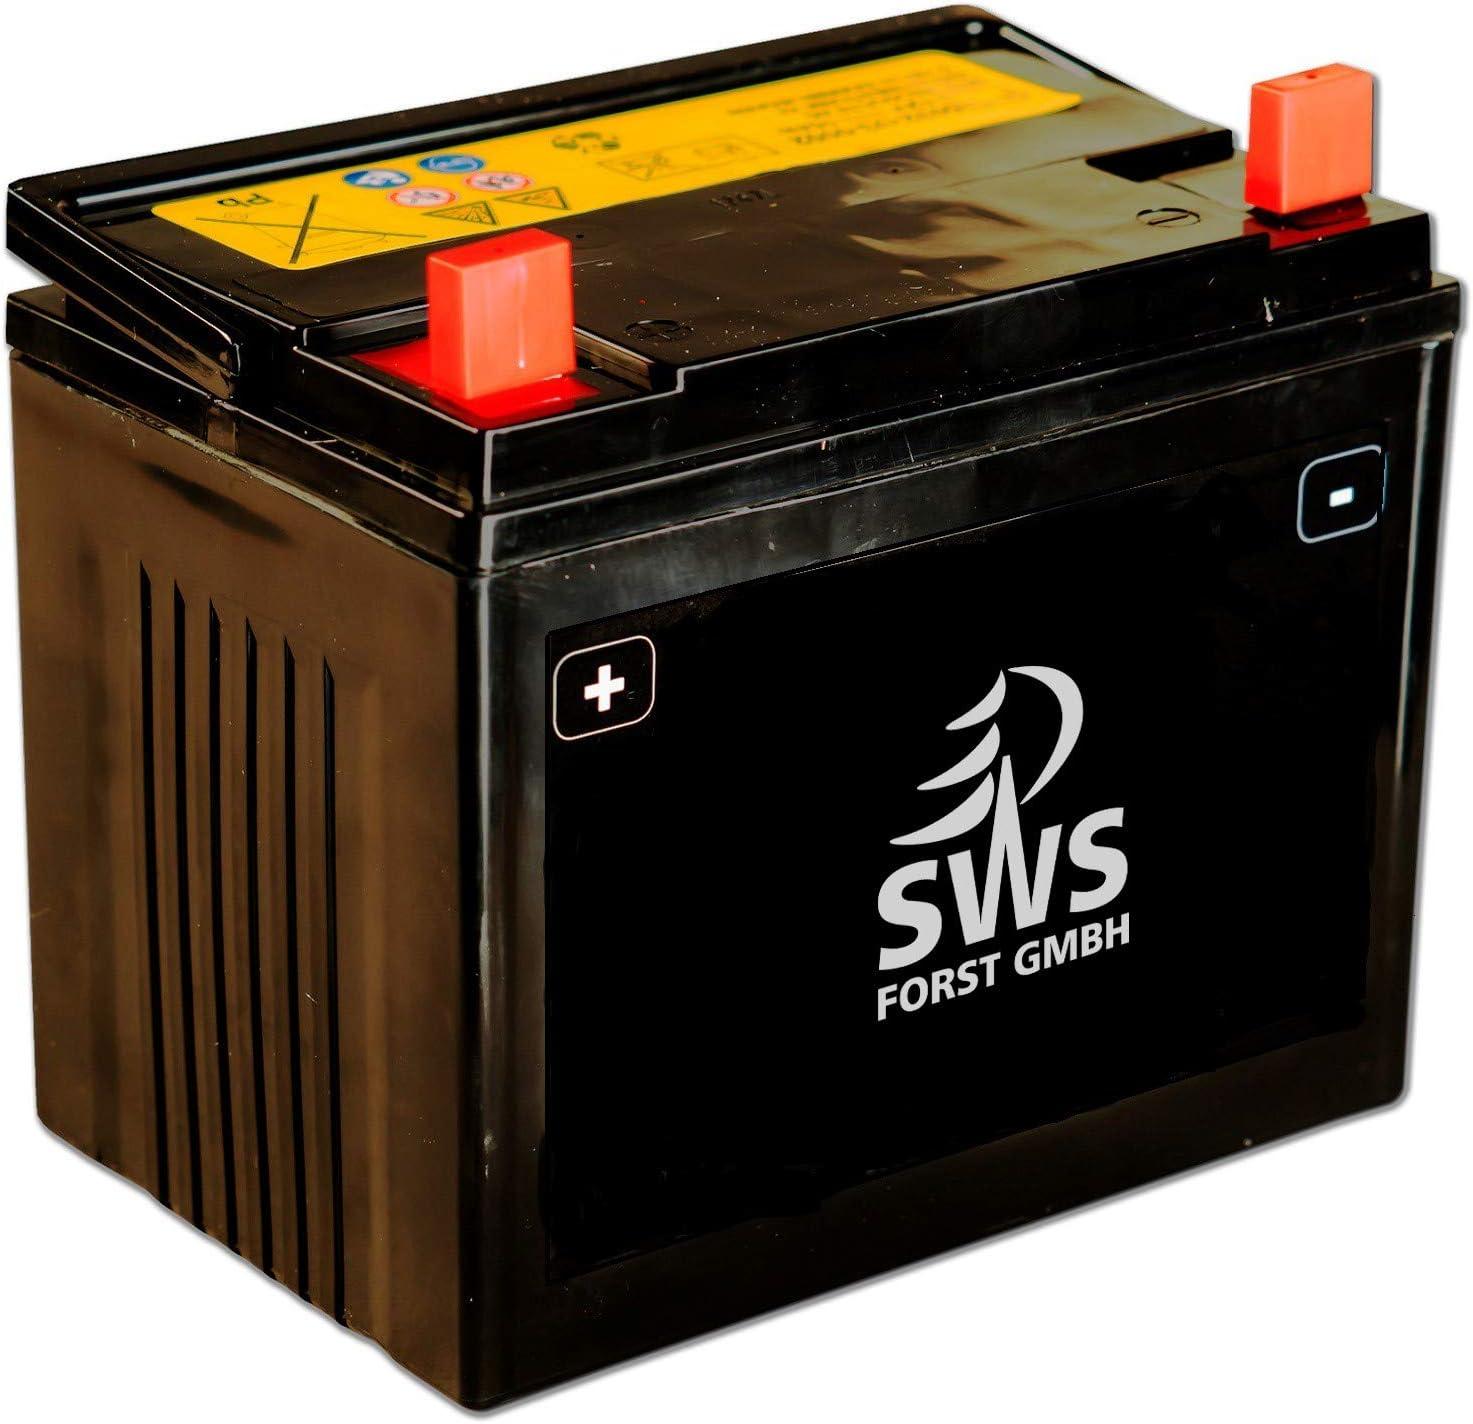 Sofort Einsatzbereite Batterie Für Alle Mtd Elektronik